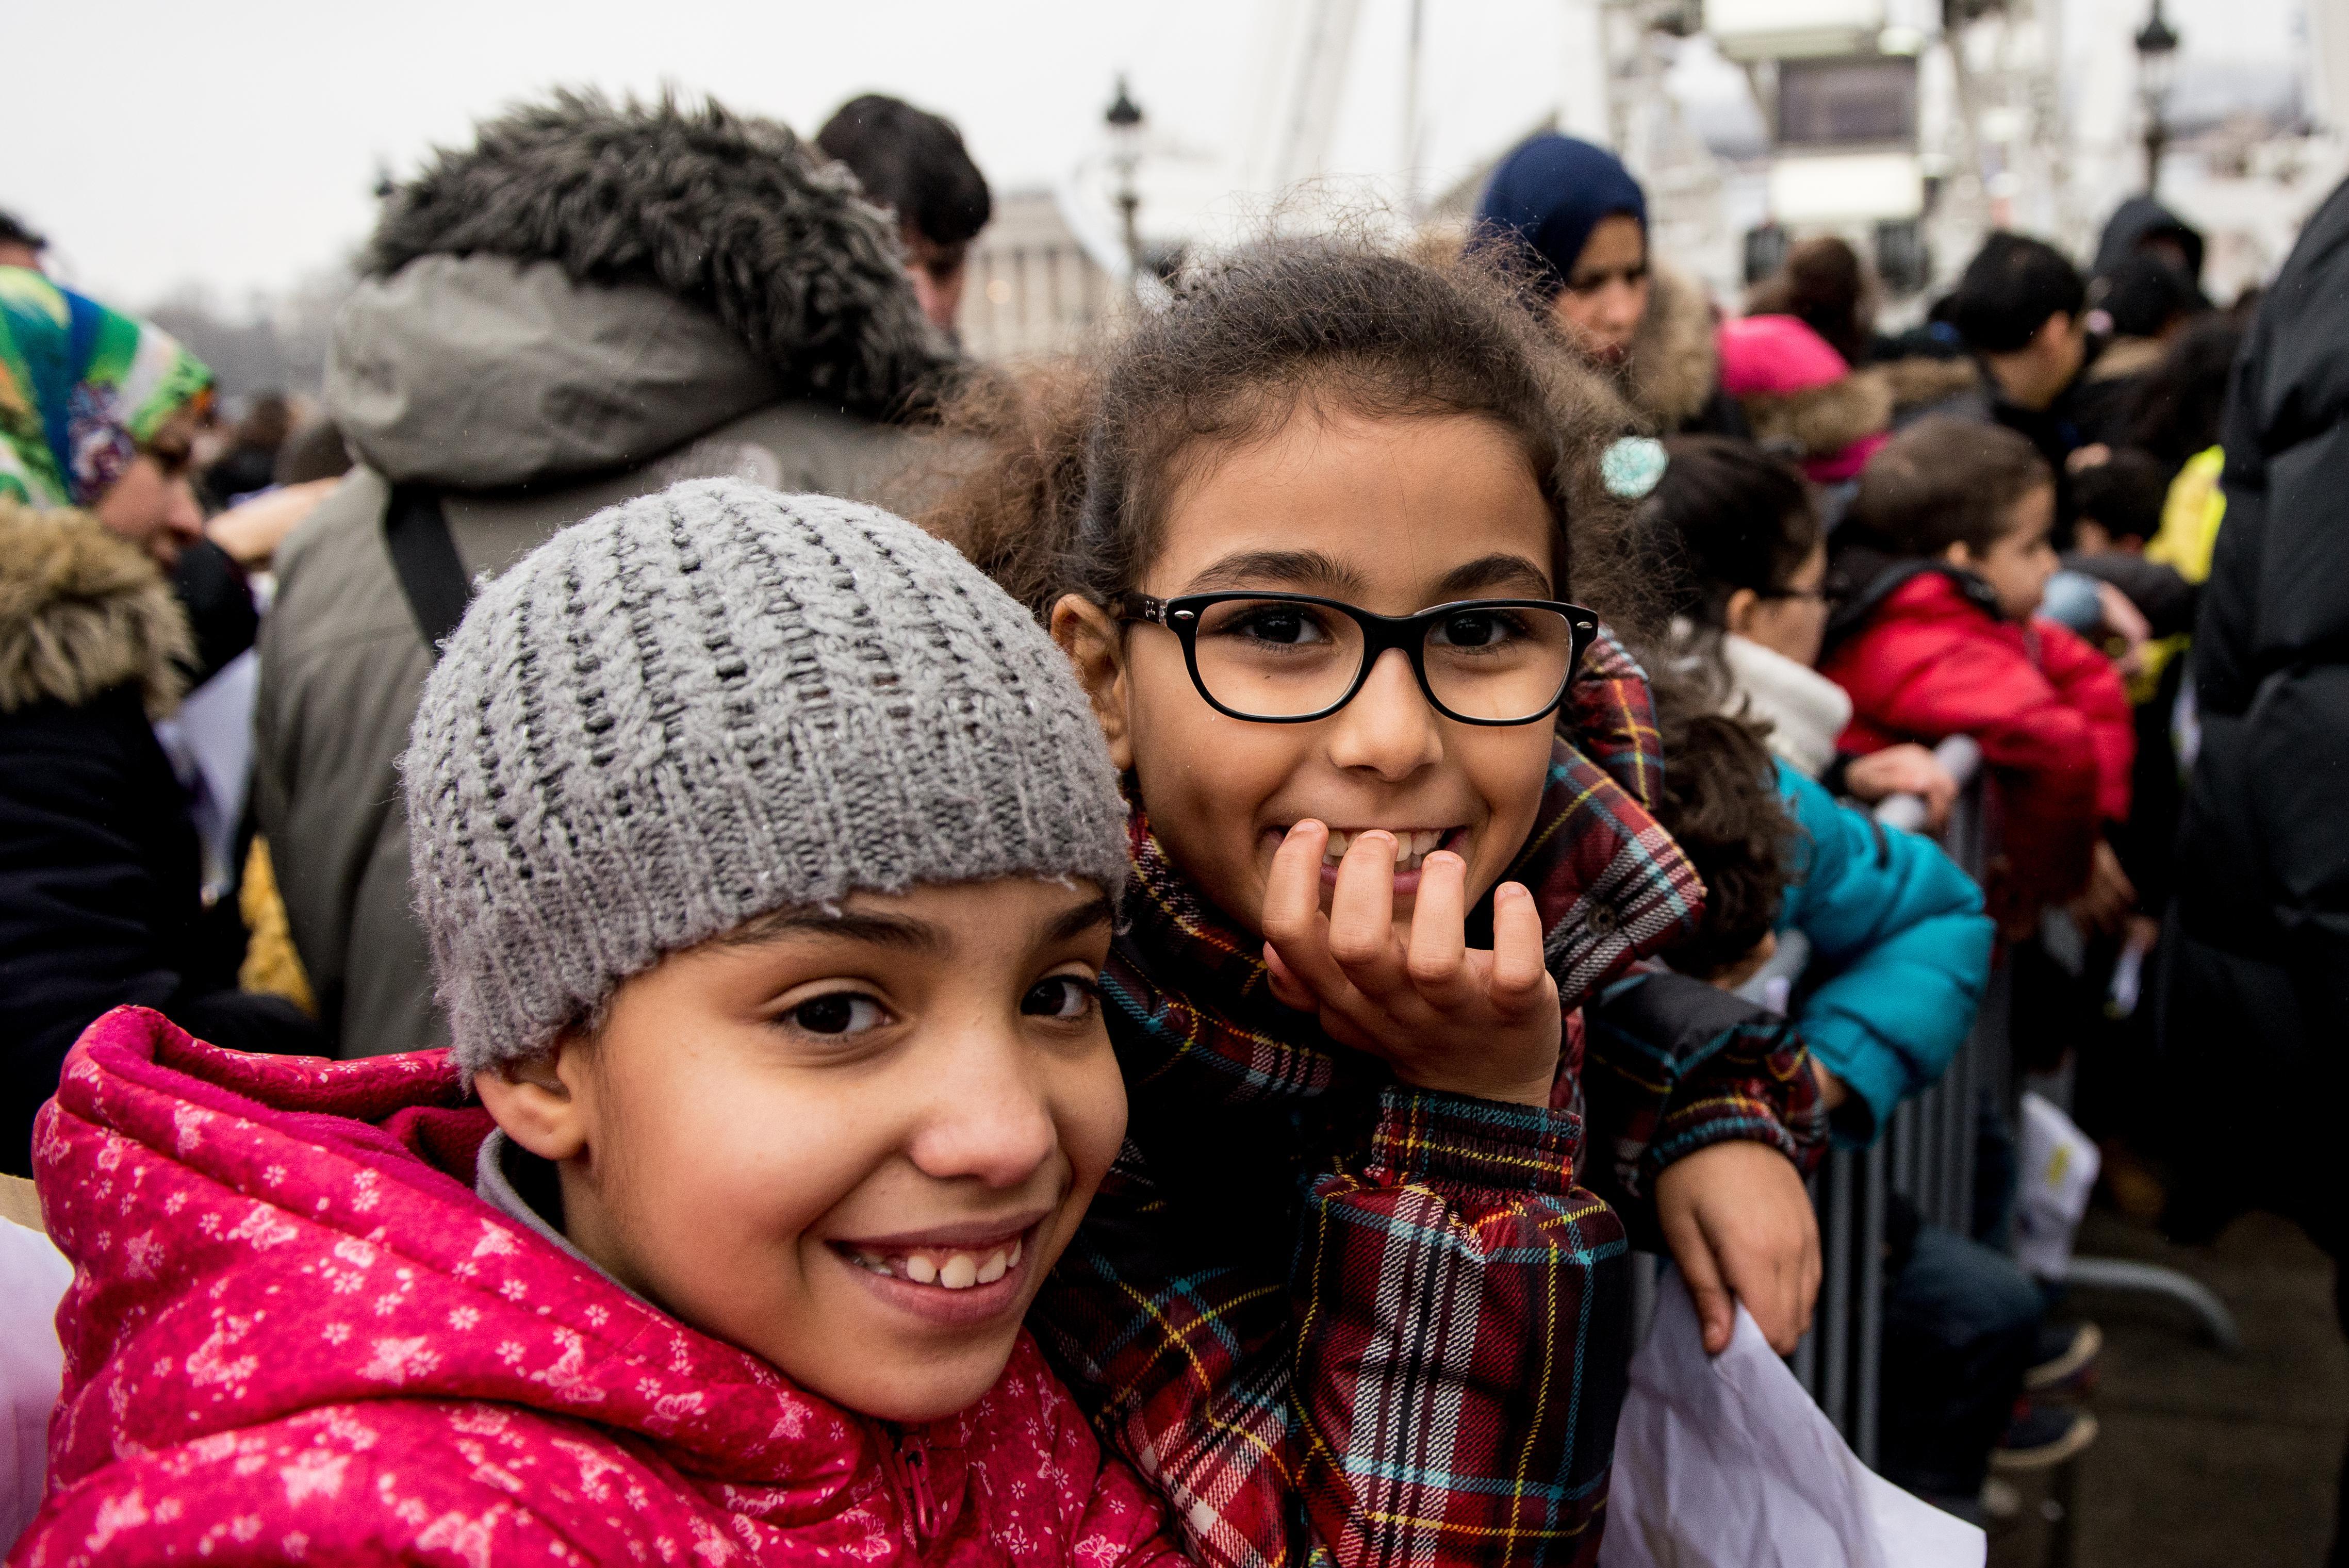 C'est Noël avant l'heure pour ces enfants invités à un après-midi festif place de la Concorde. La bonne humeur était de la partie.